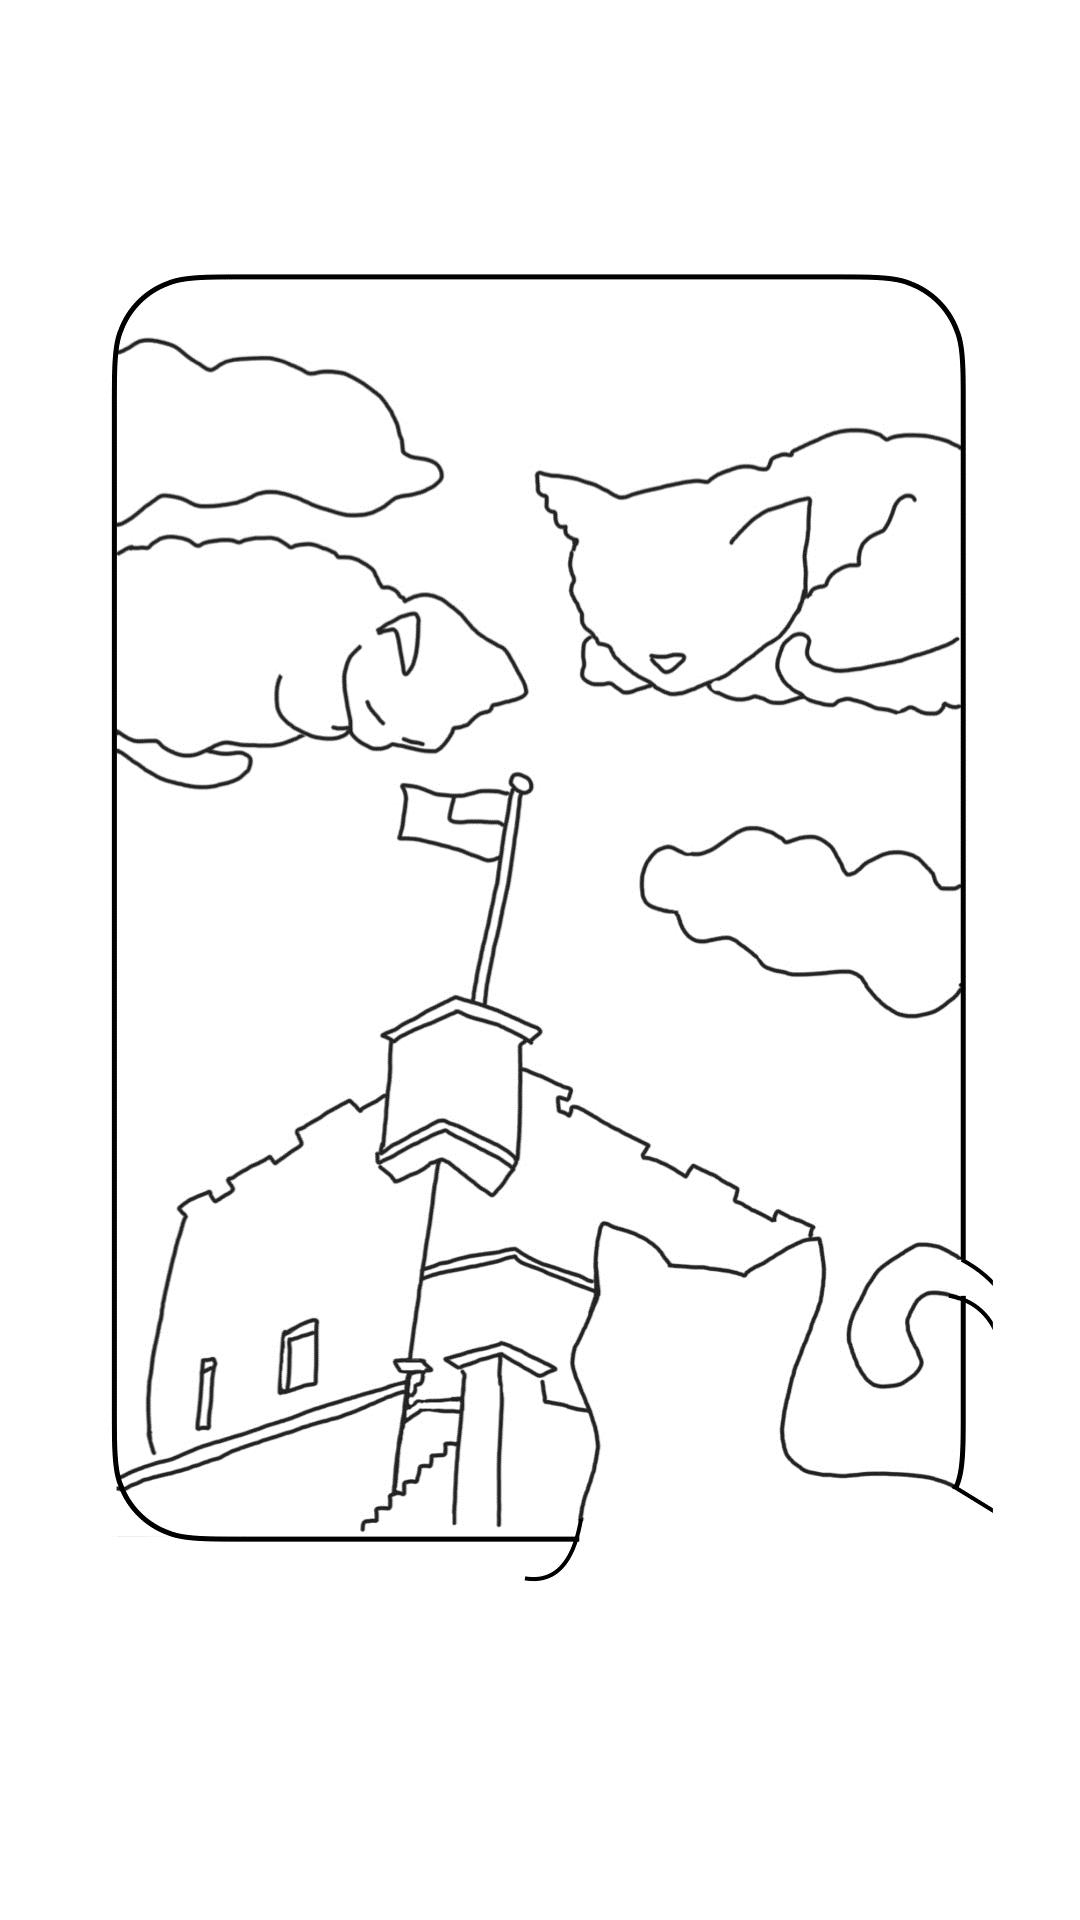 新北市國際藝術村-記憶屋計畫-著色畫-紅毛城(作者:陳峻儀)